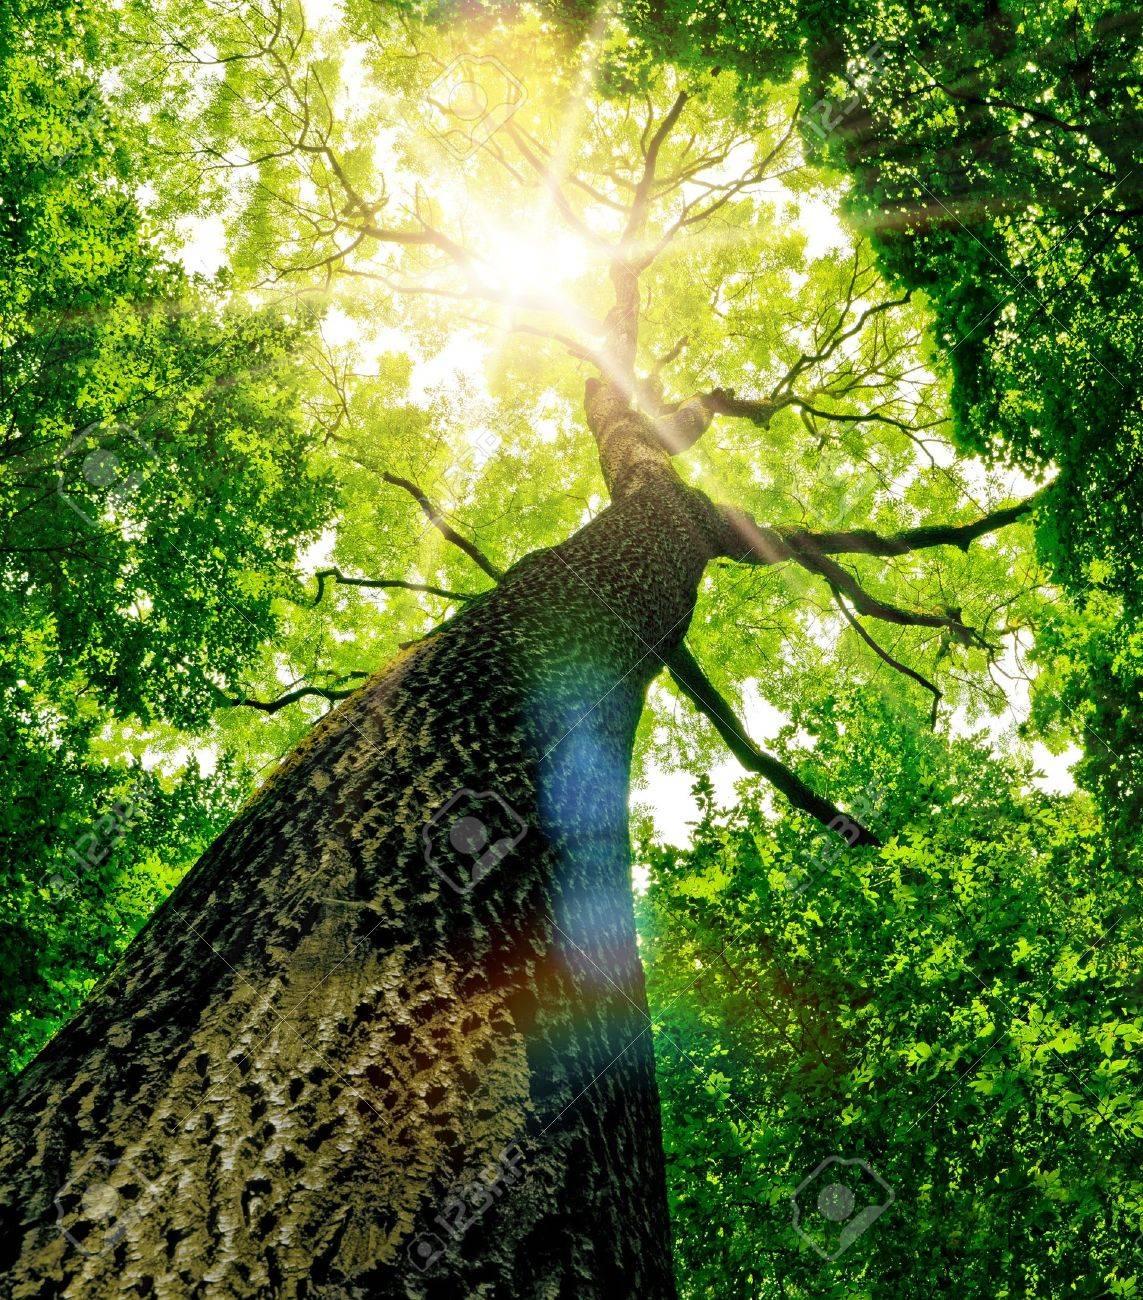 arbres de la foret nature vert bois lumiere du soleil fond